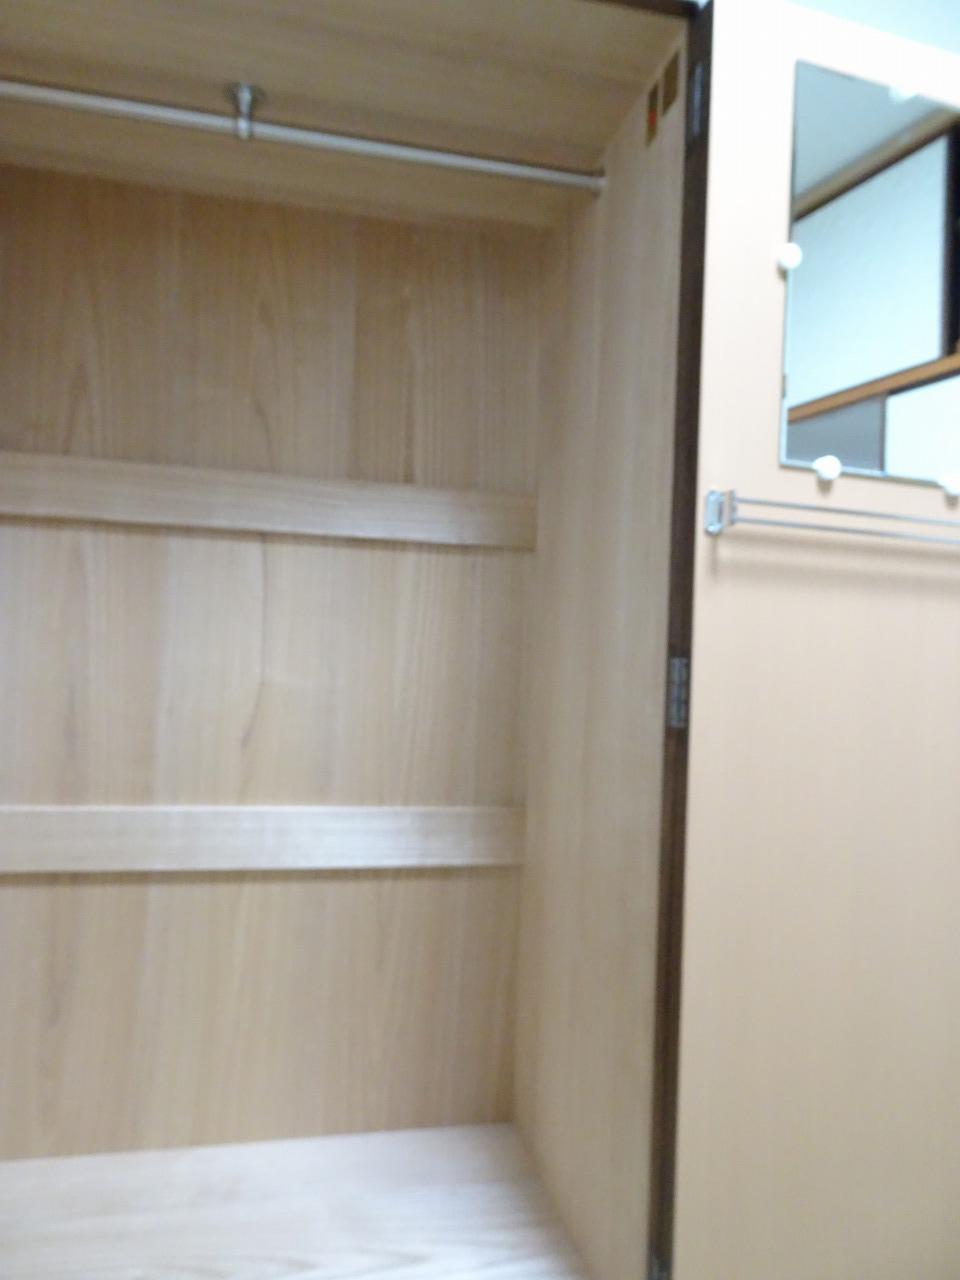 焼桐洋服箪笥の内部の桐と扉の鏡